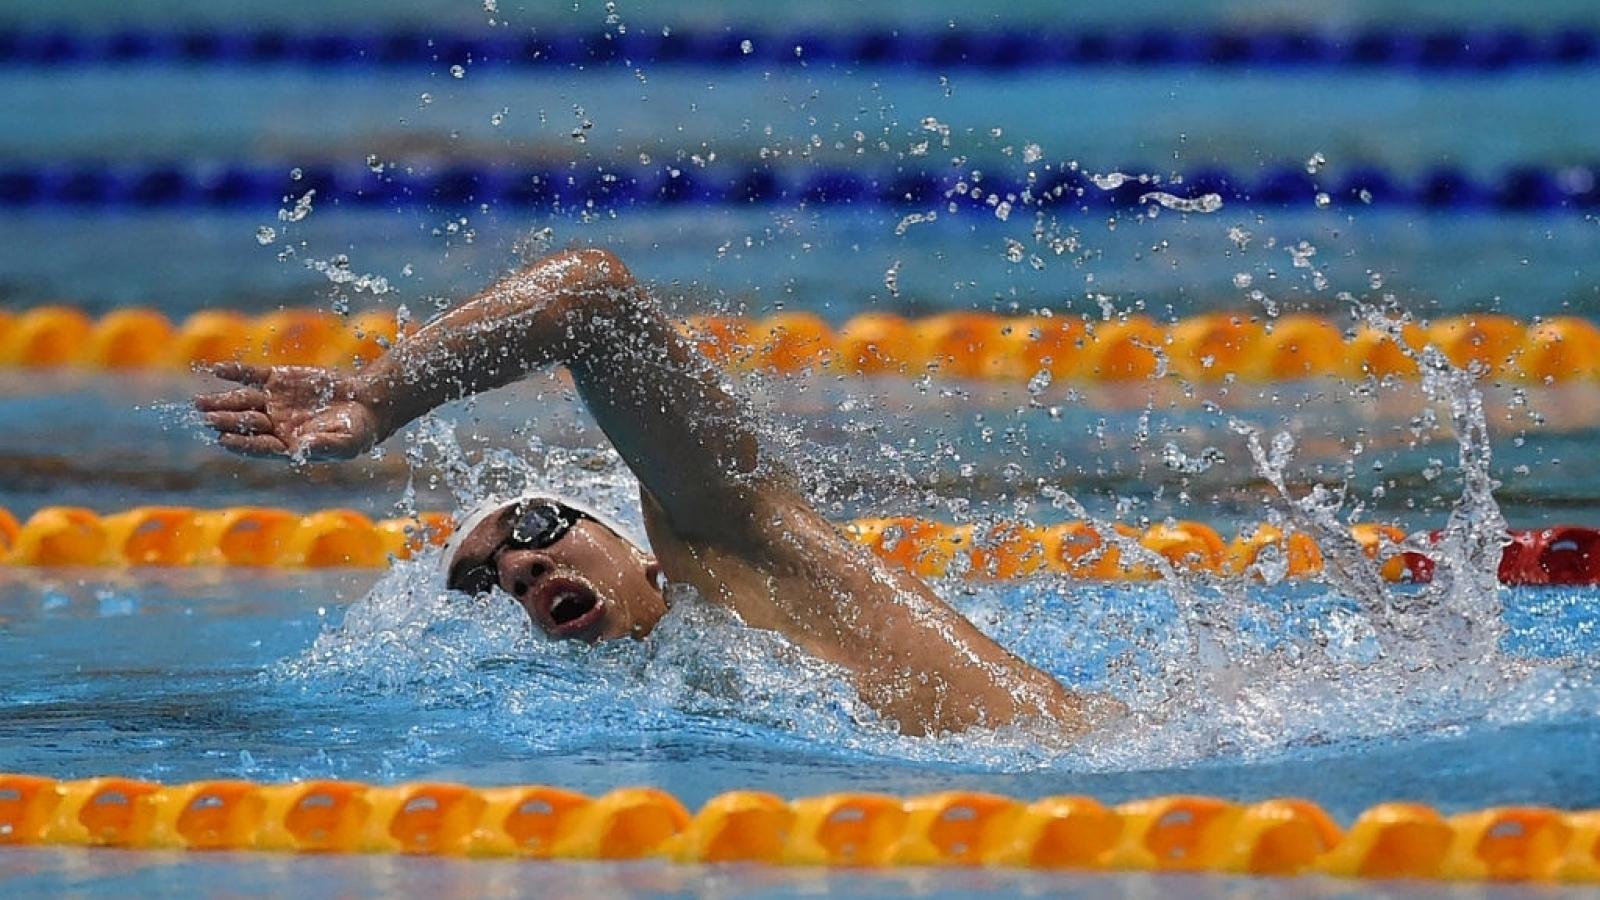 Thể thao Việt Nam ở Olympic ngày 27/7: Tiến Minh dừng bước, Huy Hoàng lỡ hẹn chung kết